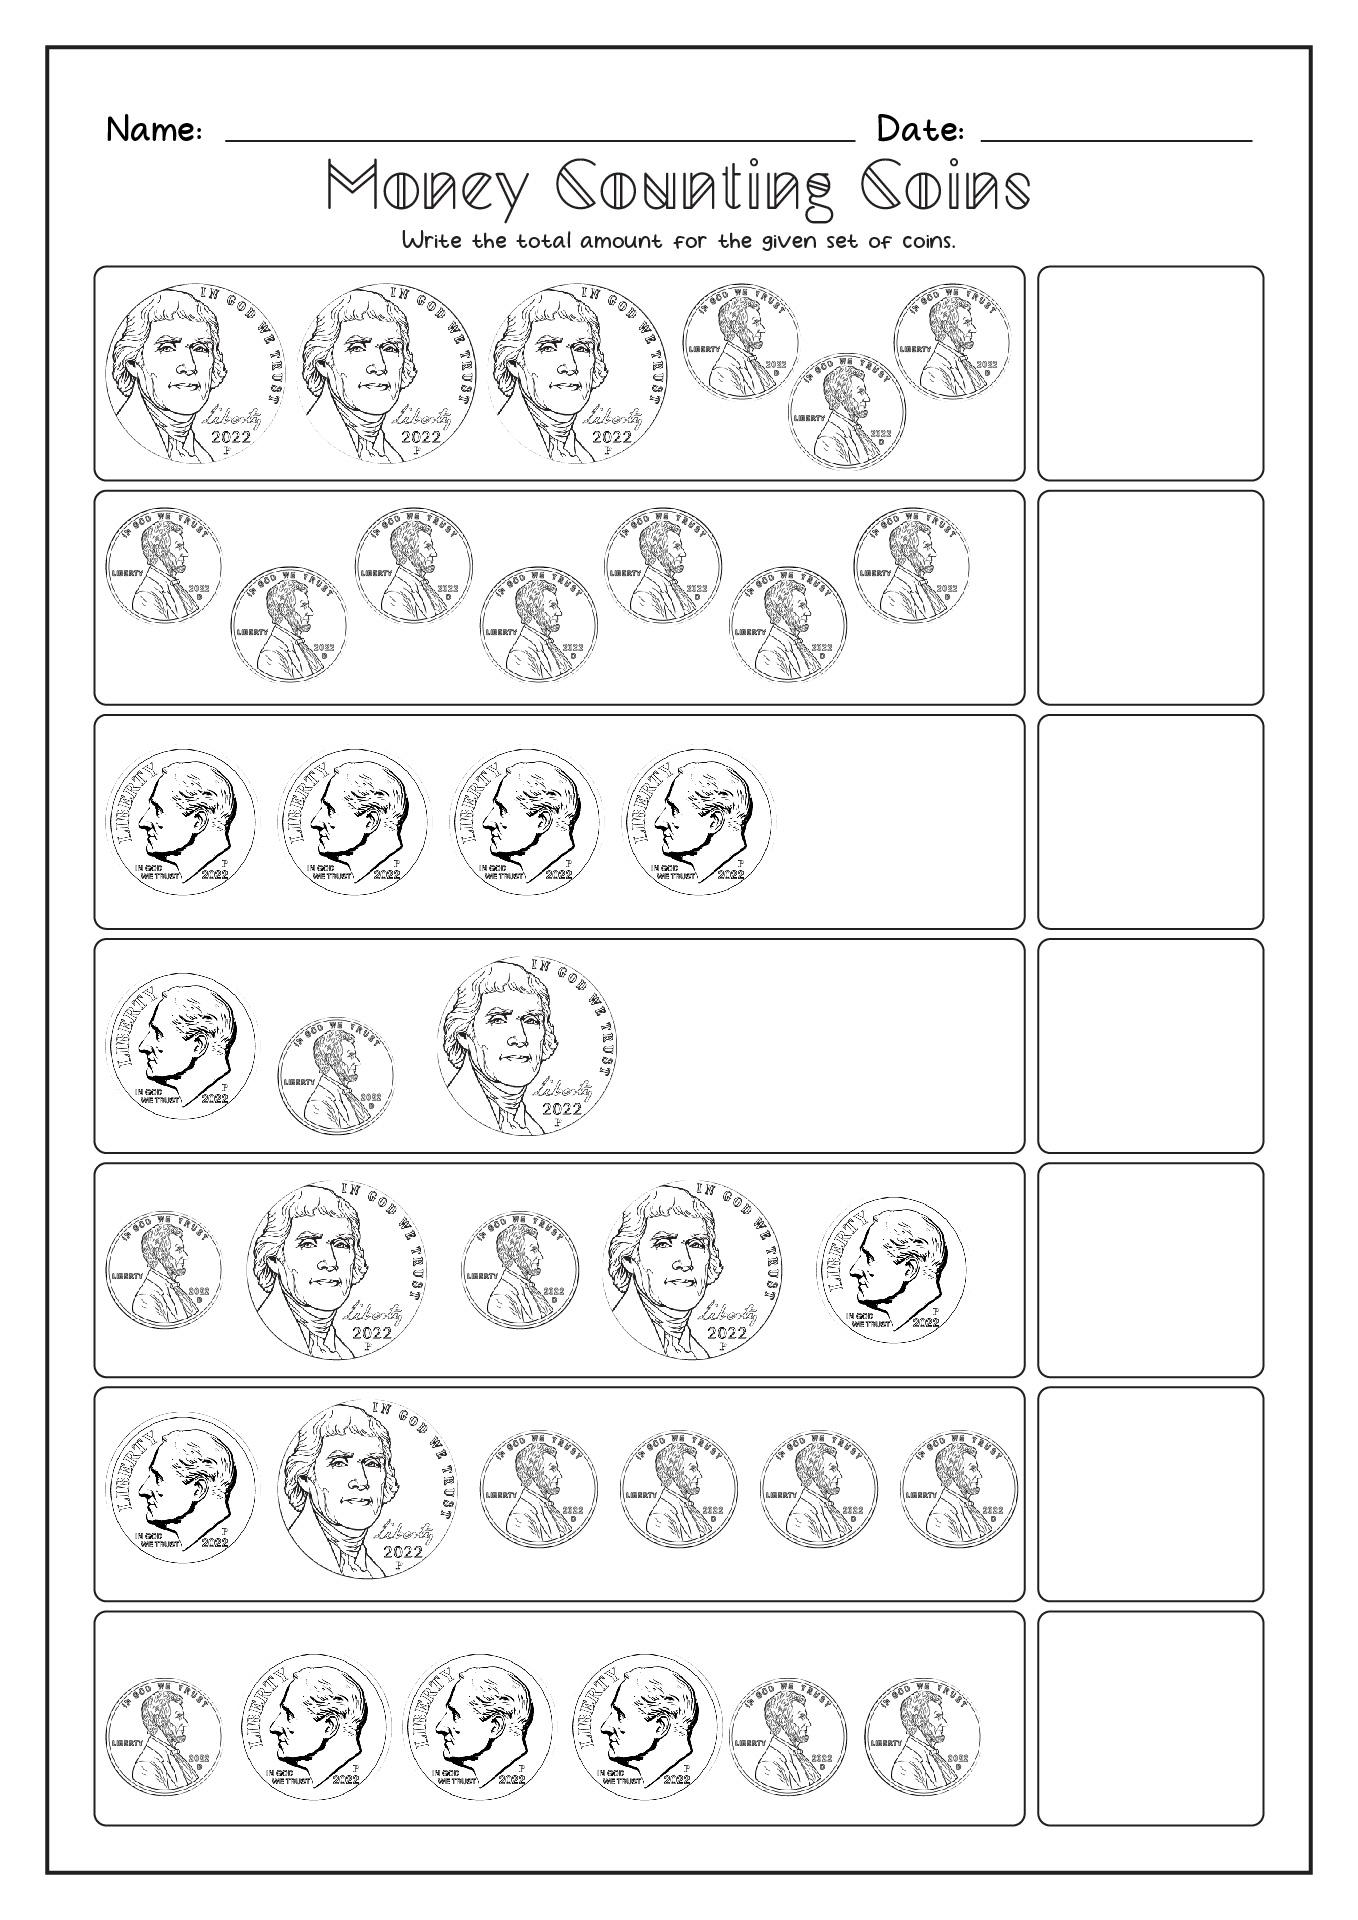 19 Best Images of Cash Count Worksheet - Cash Register Count Sheet